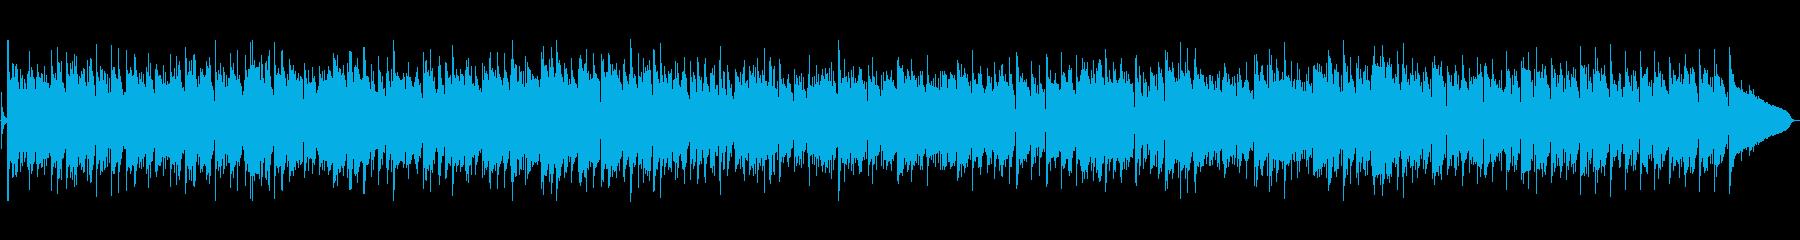 ピアノが特徴的なボサノバの再生済みの波形